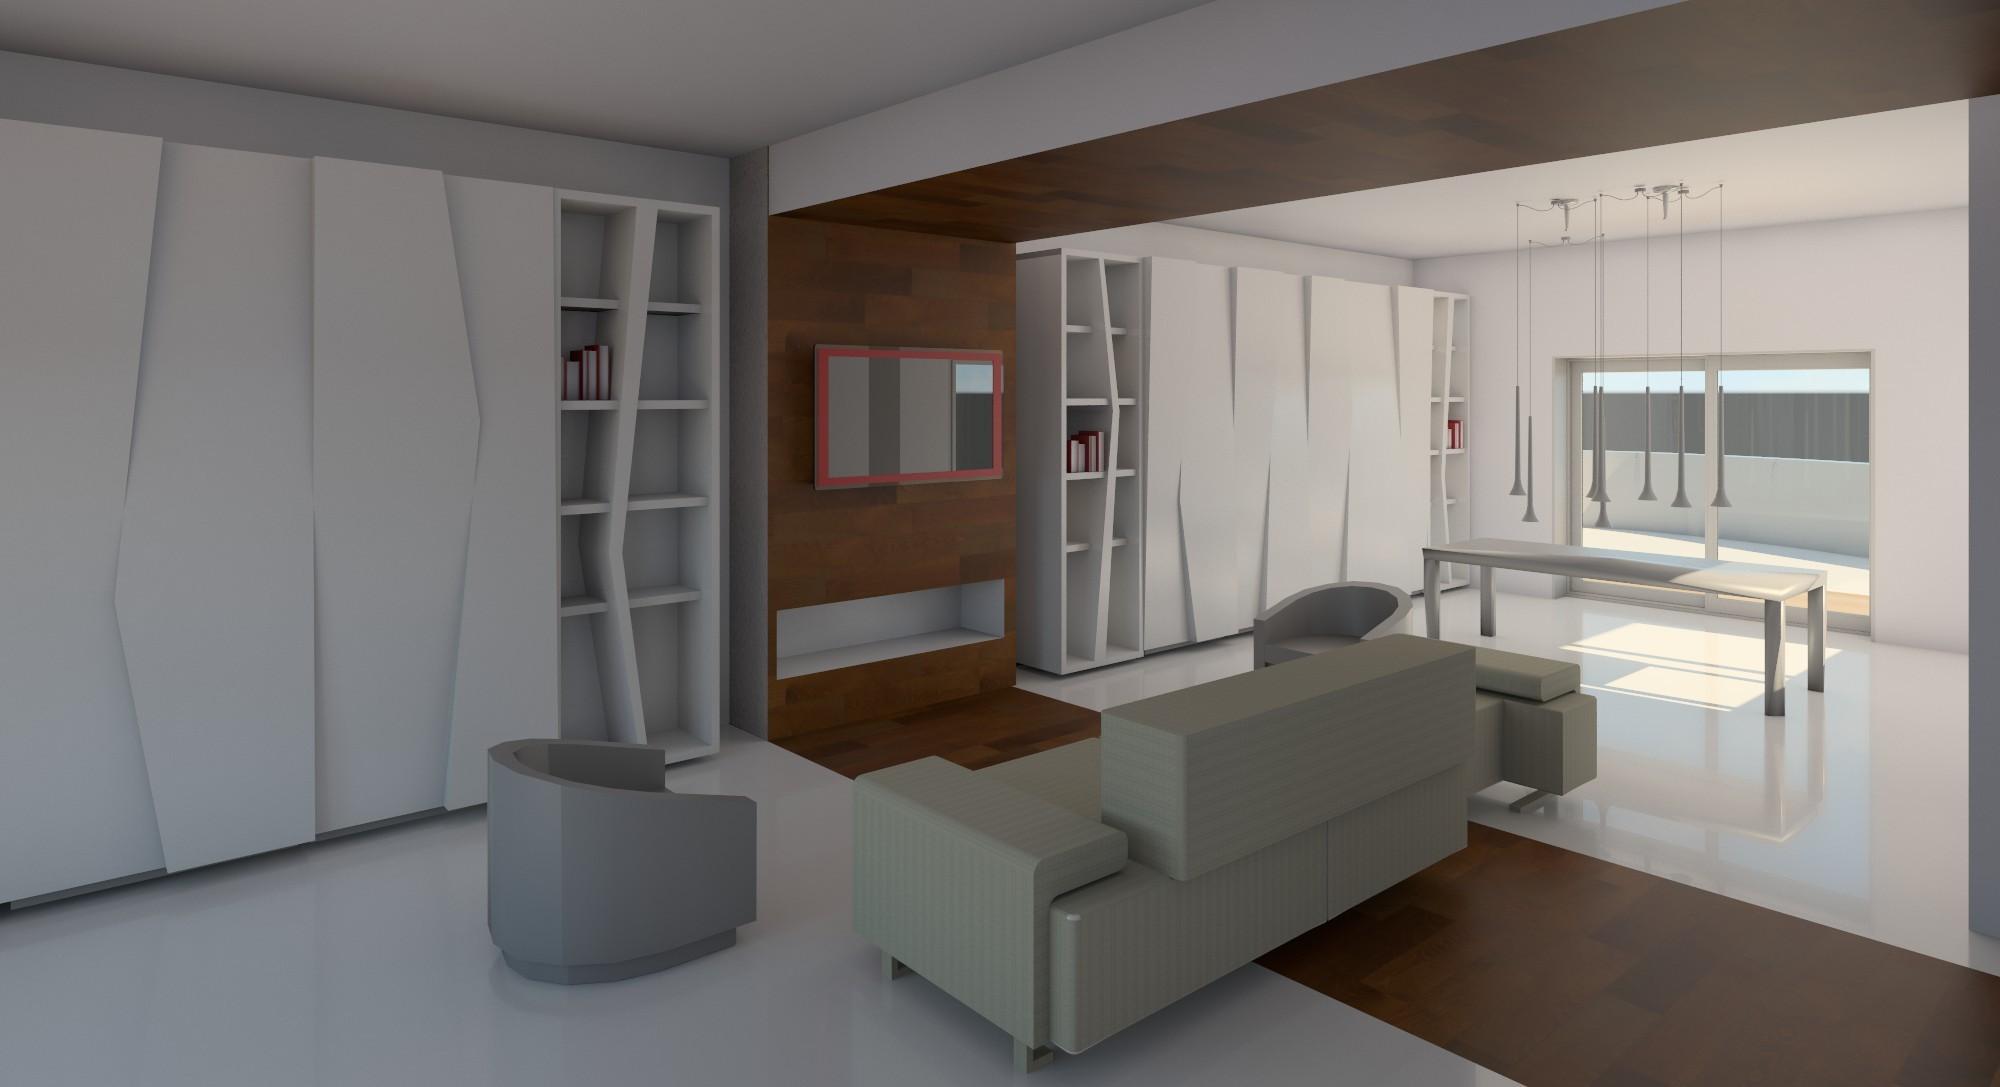 Raas-rendering20150429-25279-14b8xiz